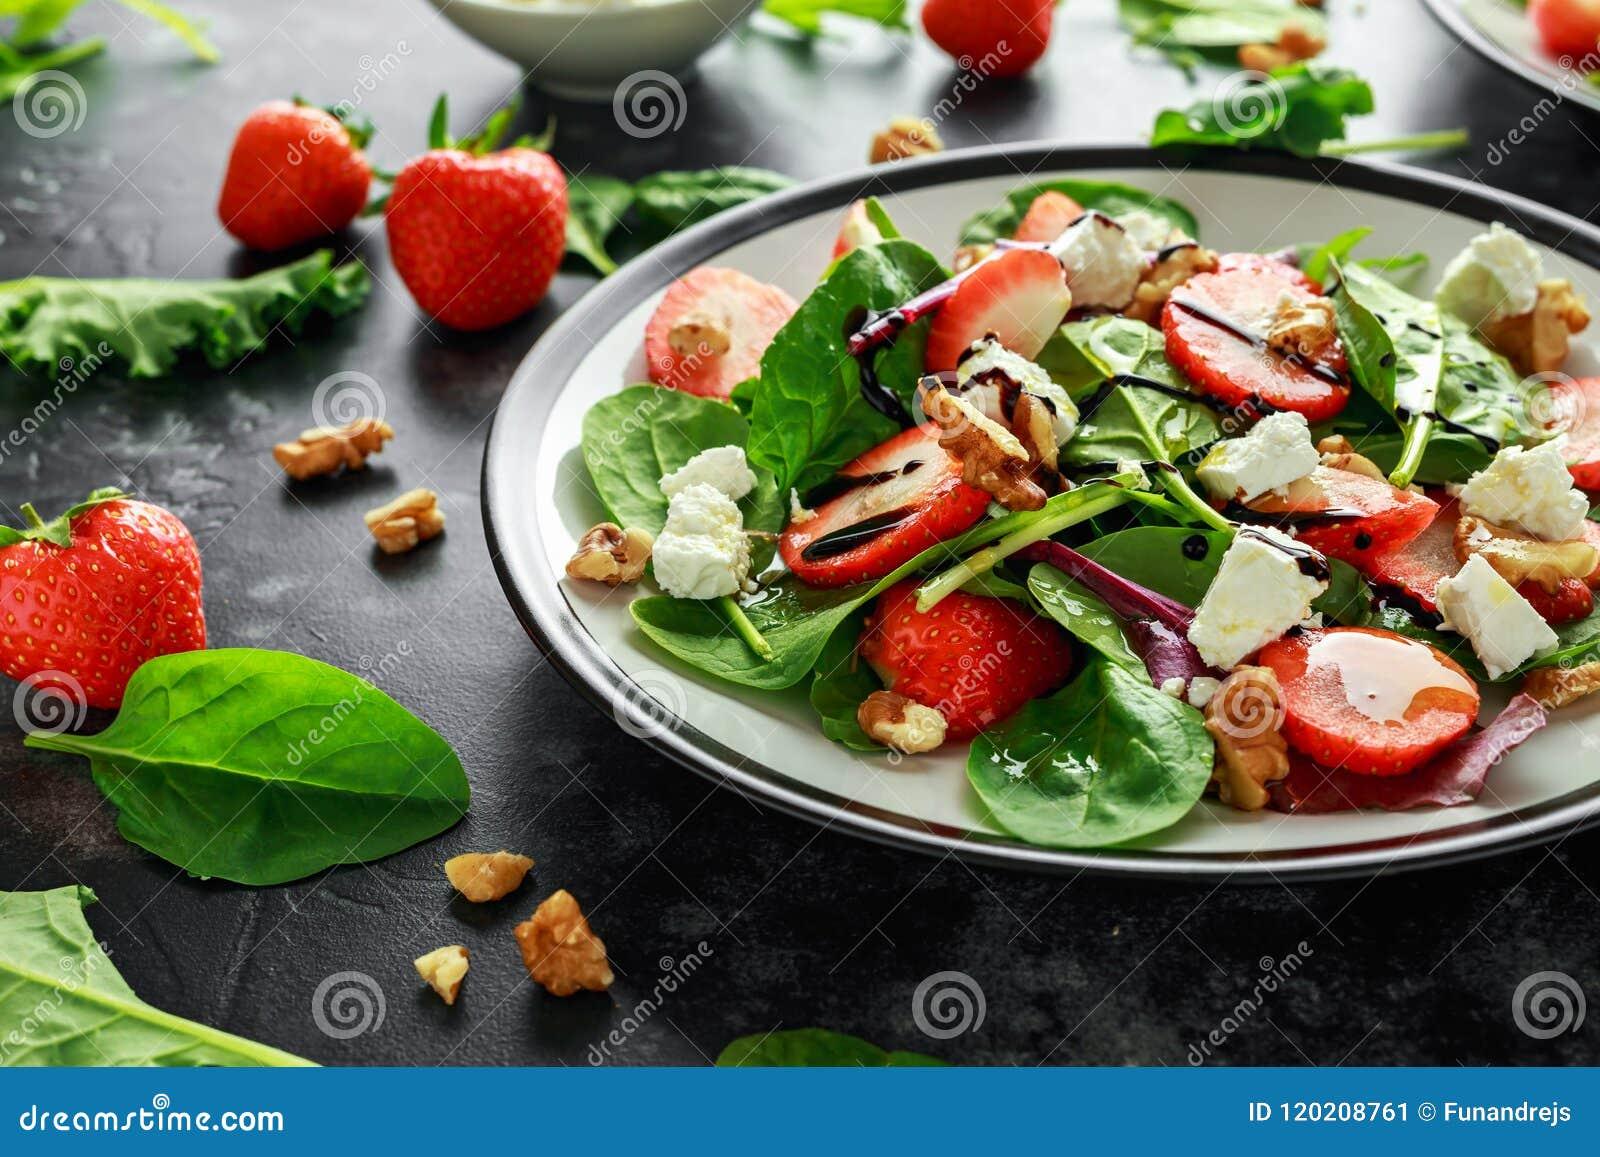 Φράουλα θερινών φρούτων, σαλάτα σπανακιού με το ξύλο καρυδιάς, βαλσαμικό ξίδι τυριών φέτας, κατσαρό λάχανο Σε ένα πιάτο υγιεινή δ